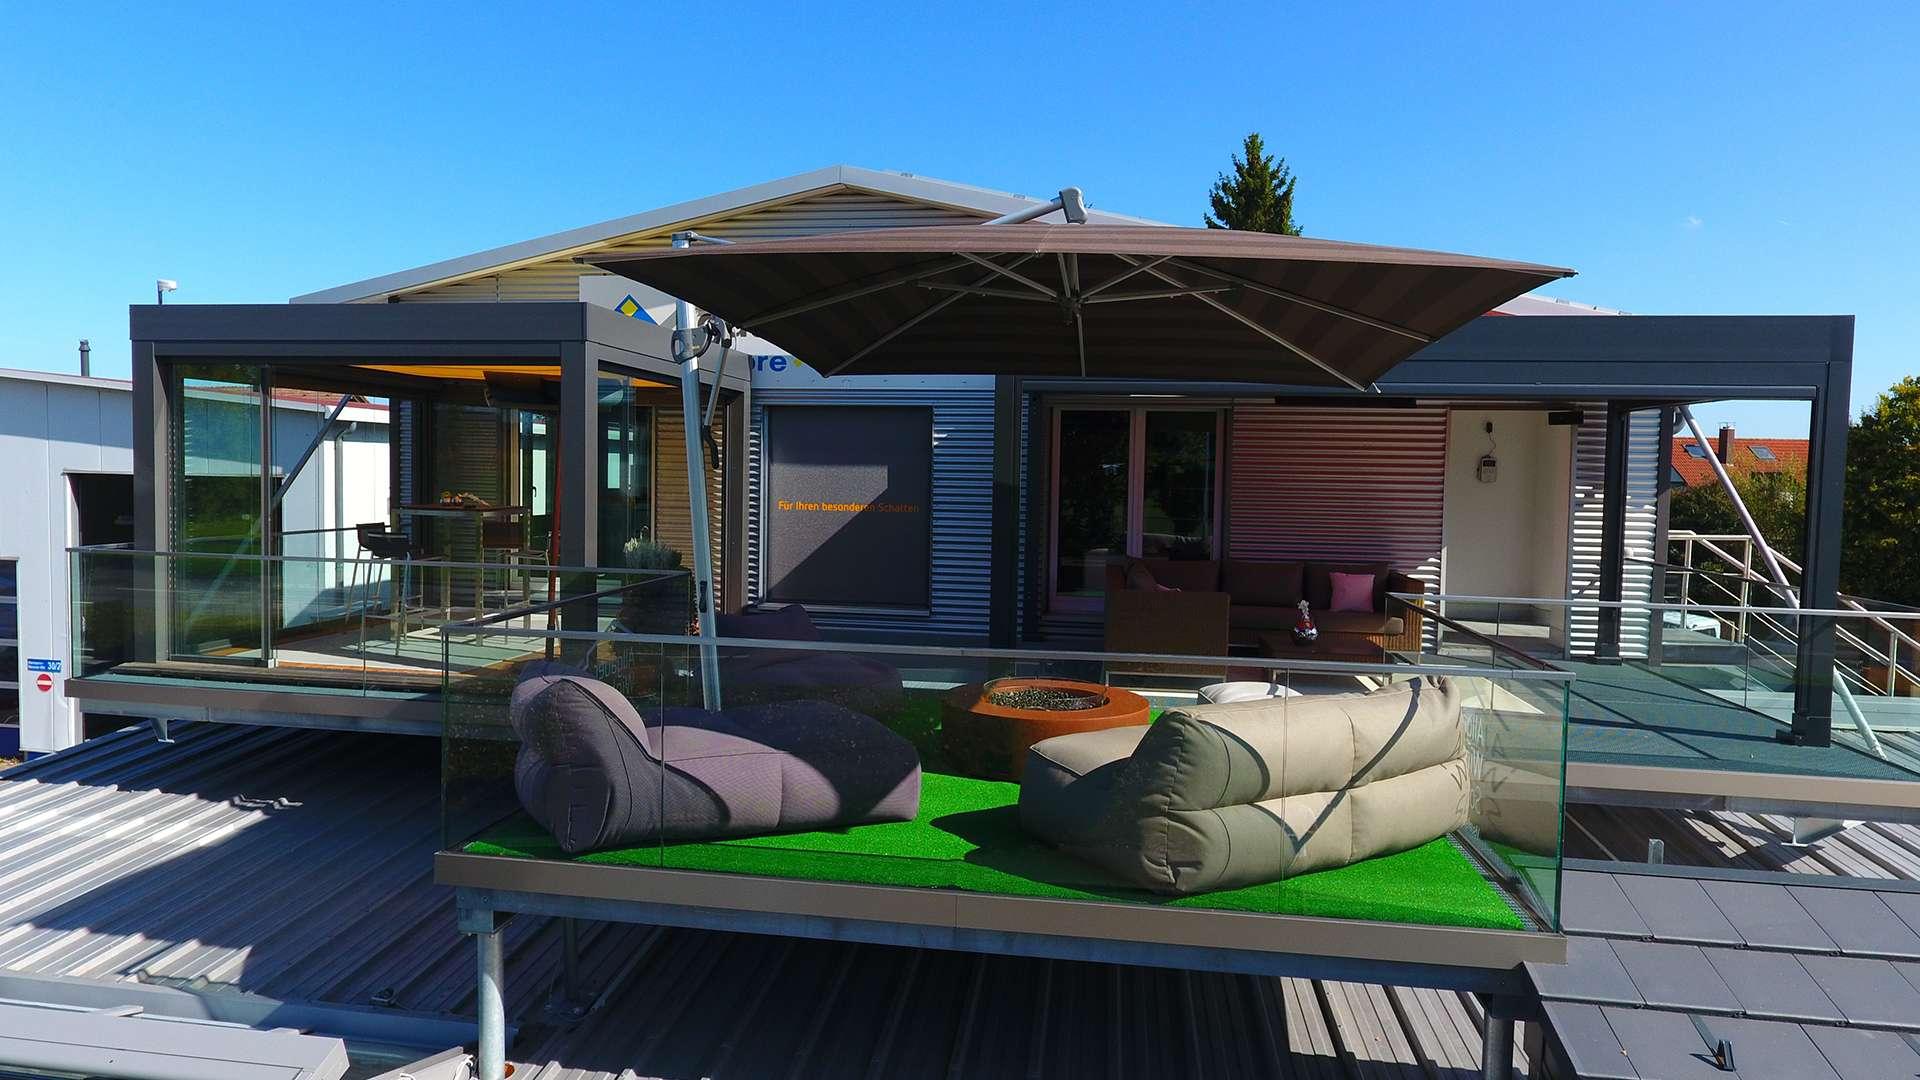 Dachterrasse mit Terrassendächer und Sonnenschirmen in der Ausstellung von Allgäuer Wintergärten in Leutkirch im Allgäu